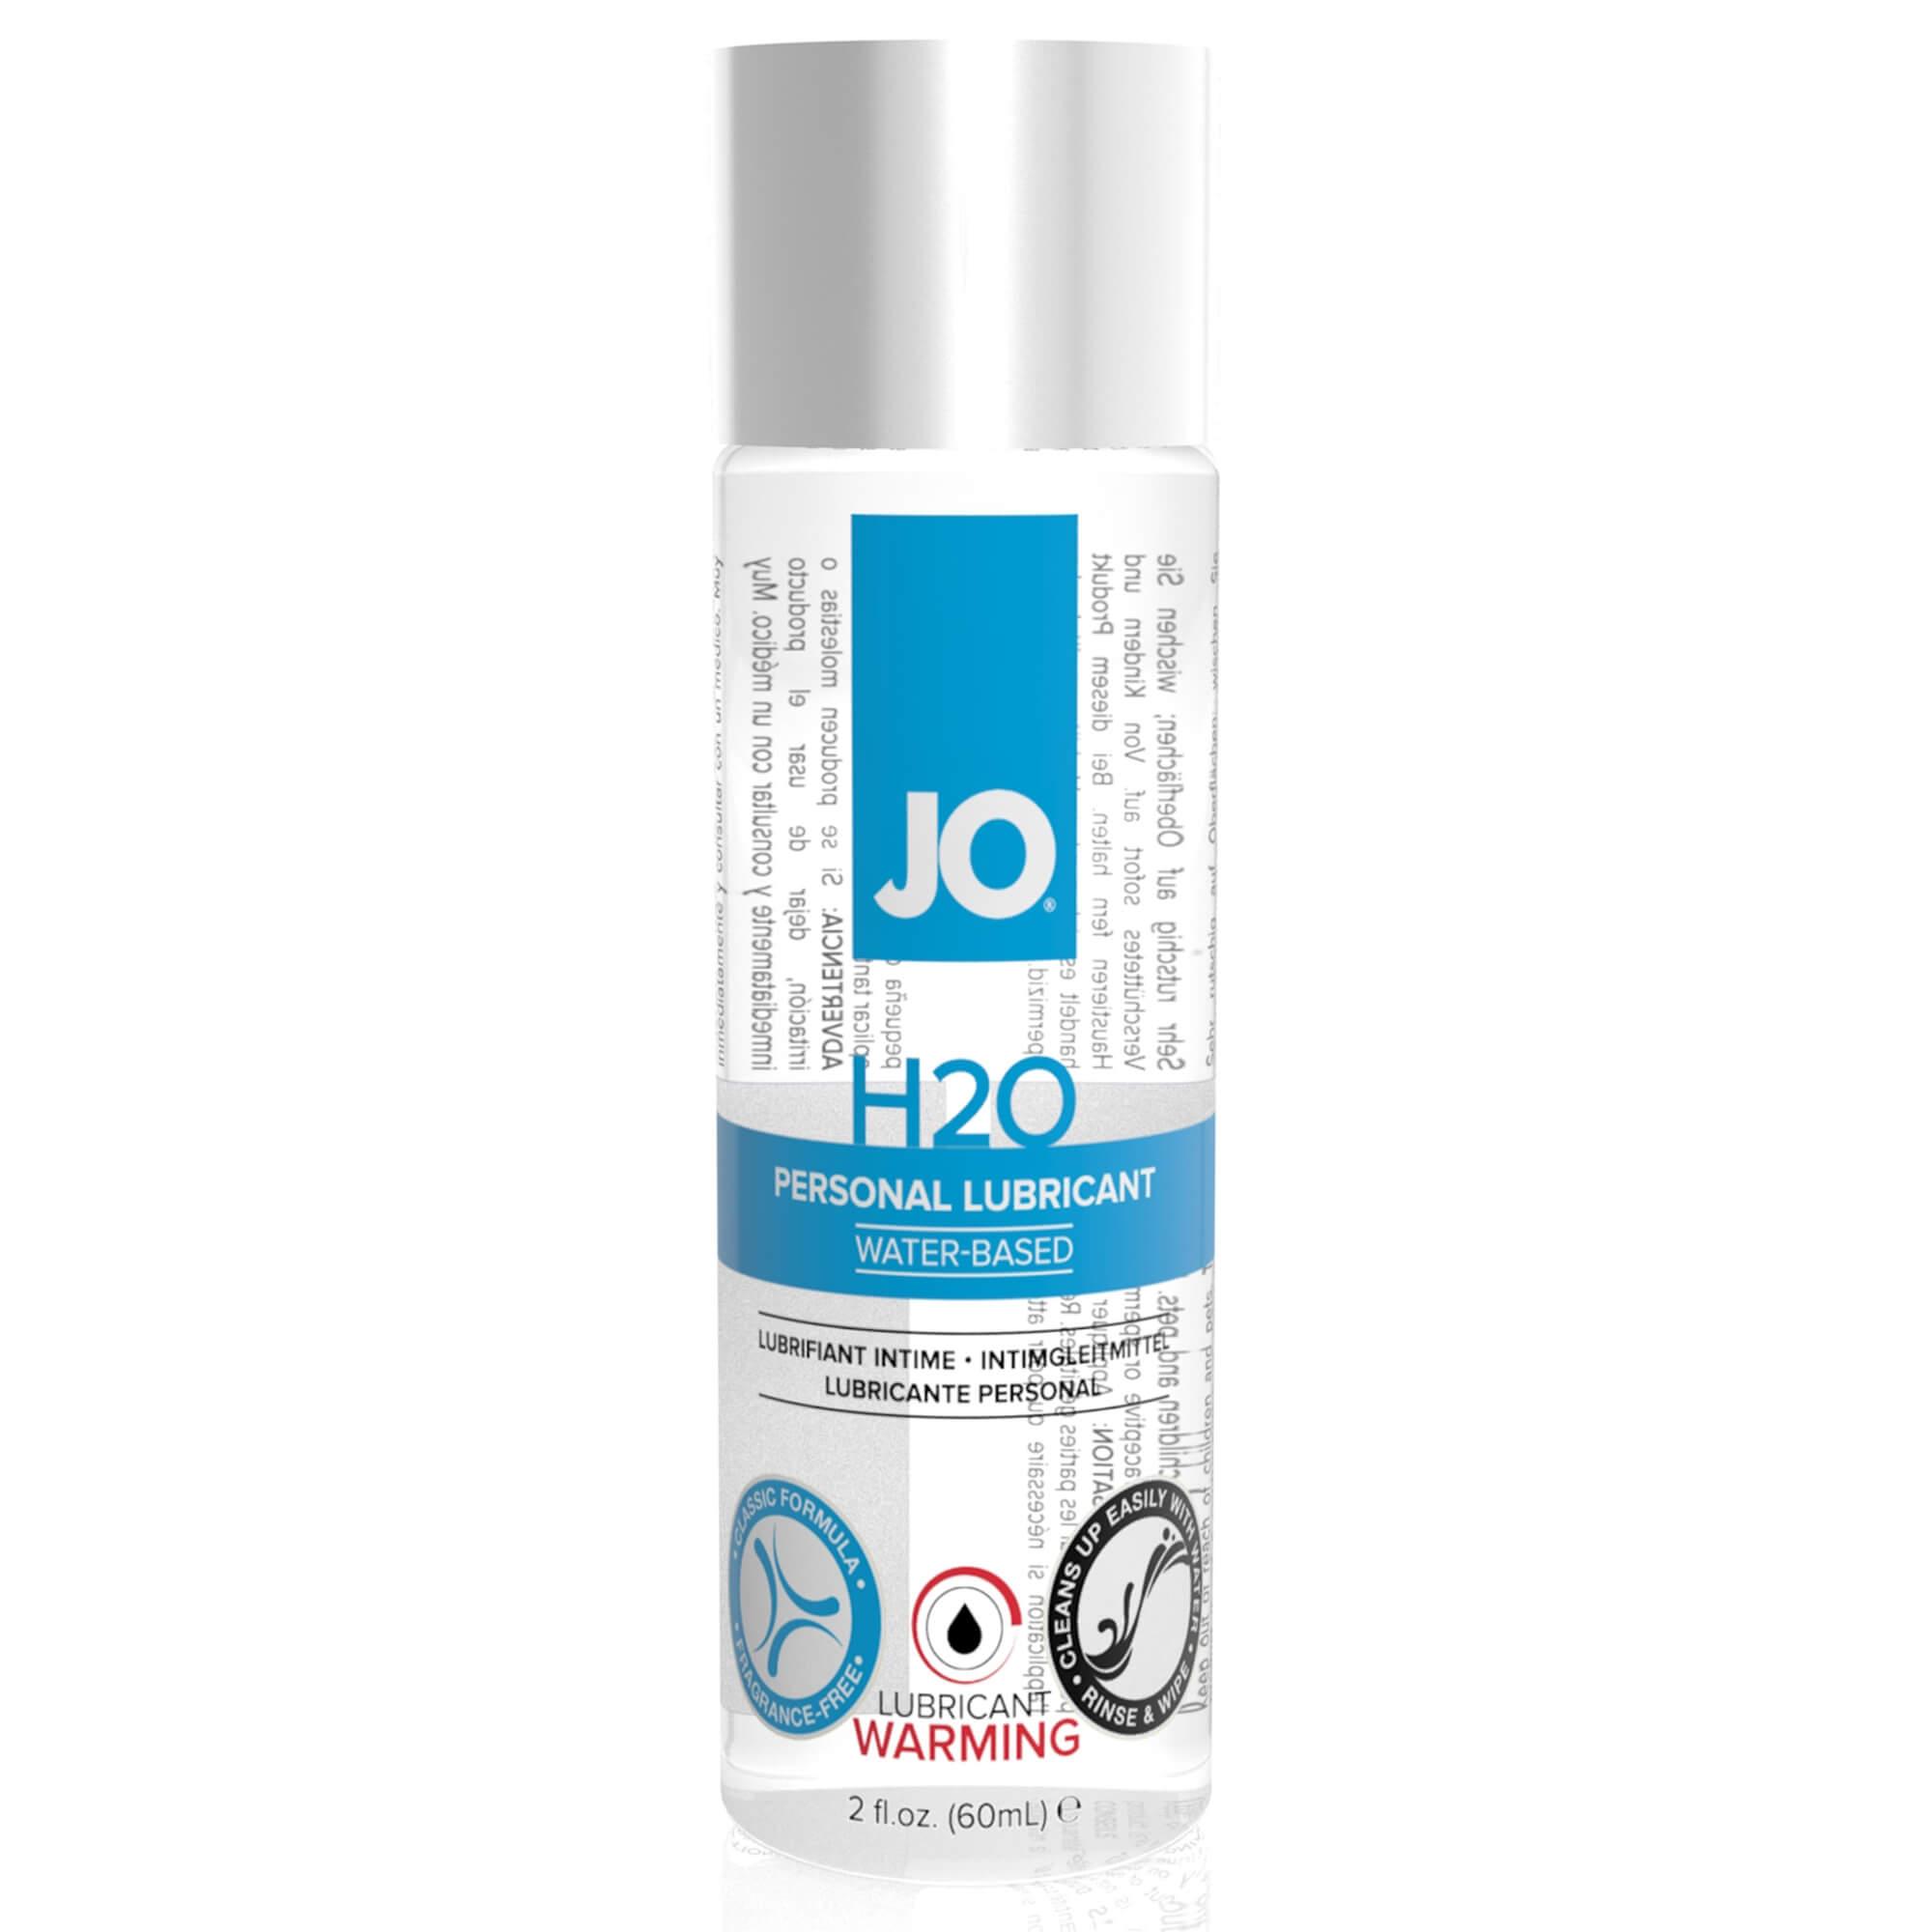 JO H2O Personal Lubricant - hrejivý lubrikačný gél na báze vody (75ml)